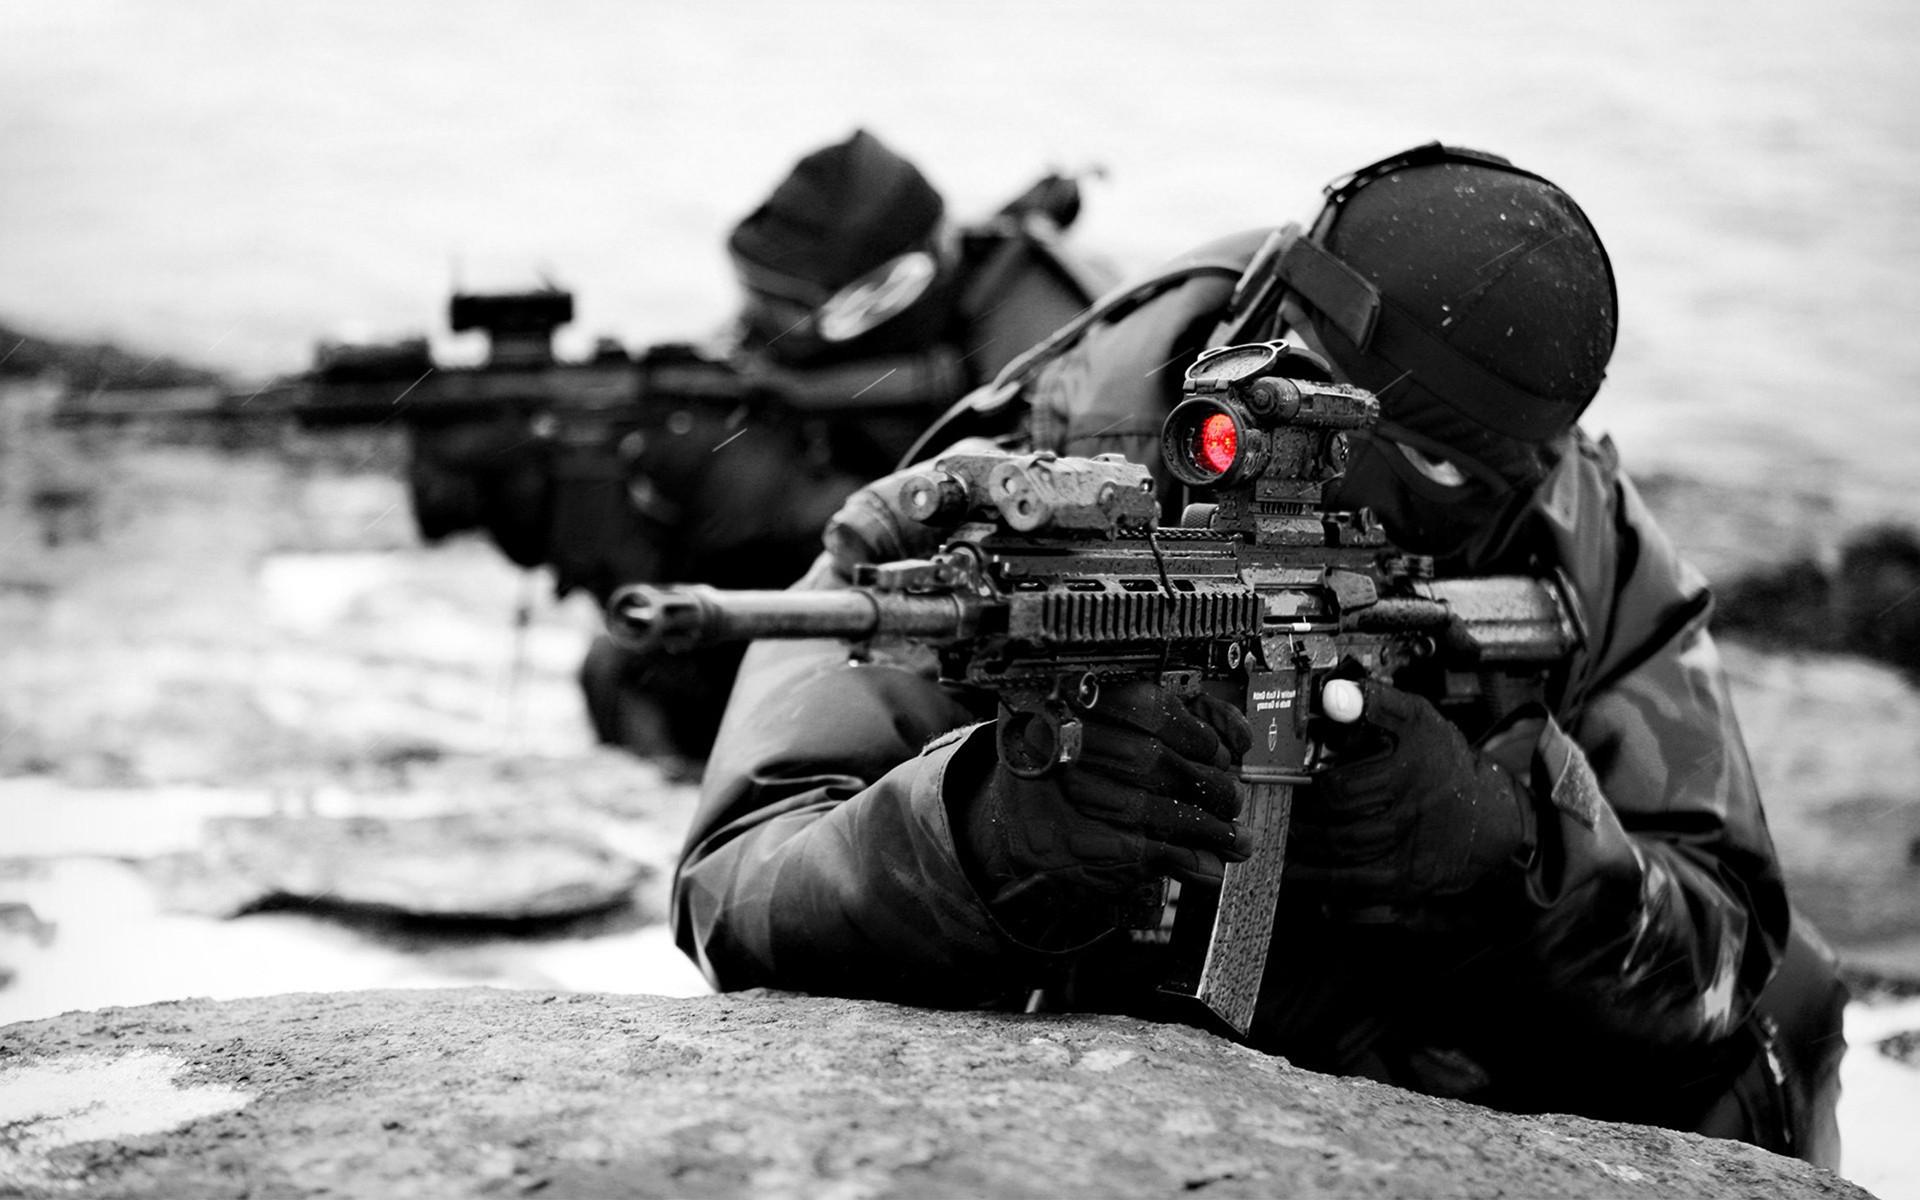 Guns Sniper Wallpaper 1920x1200 Guns Sniper 1920x1200